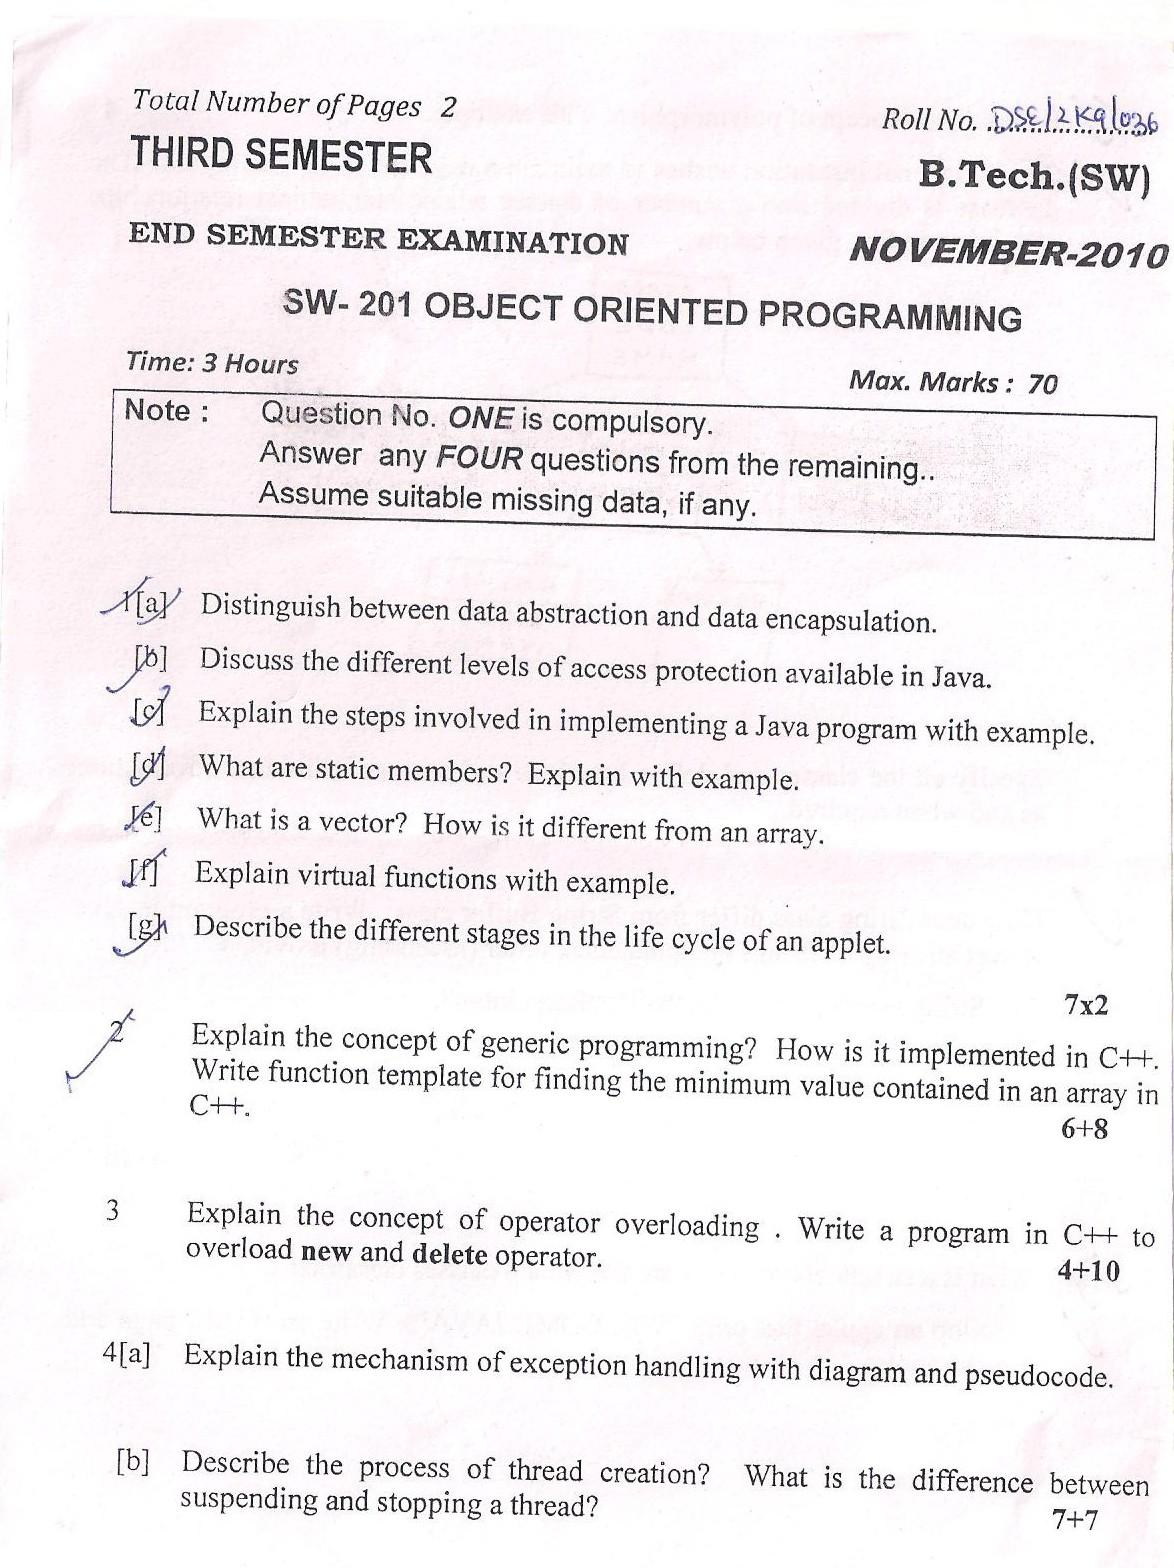 DTU Question Papers 2010 – 3 Semester - End Sem - SW-201